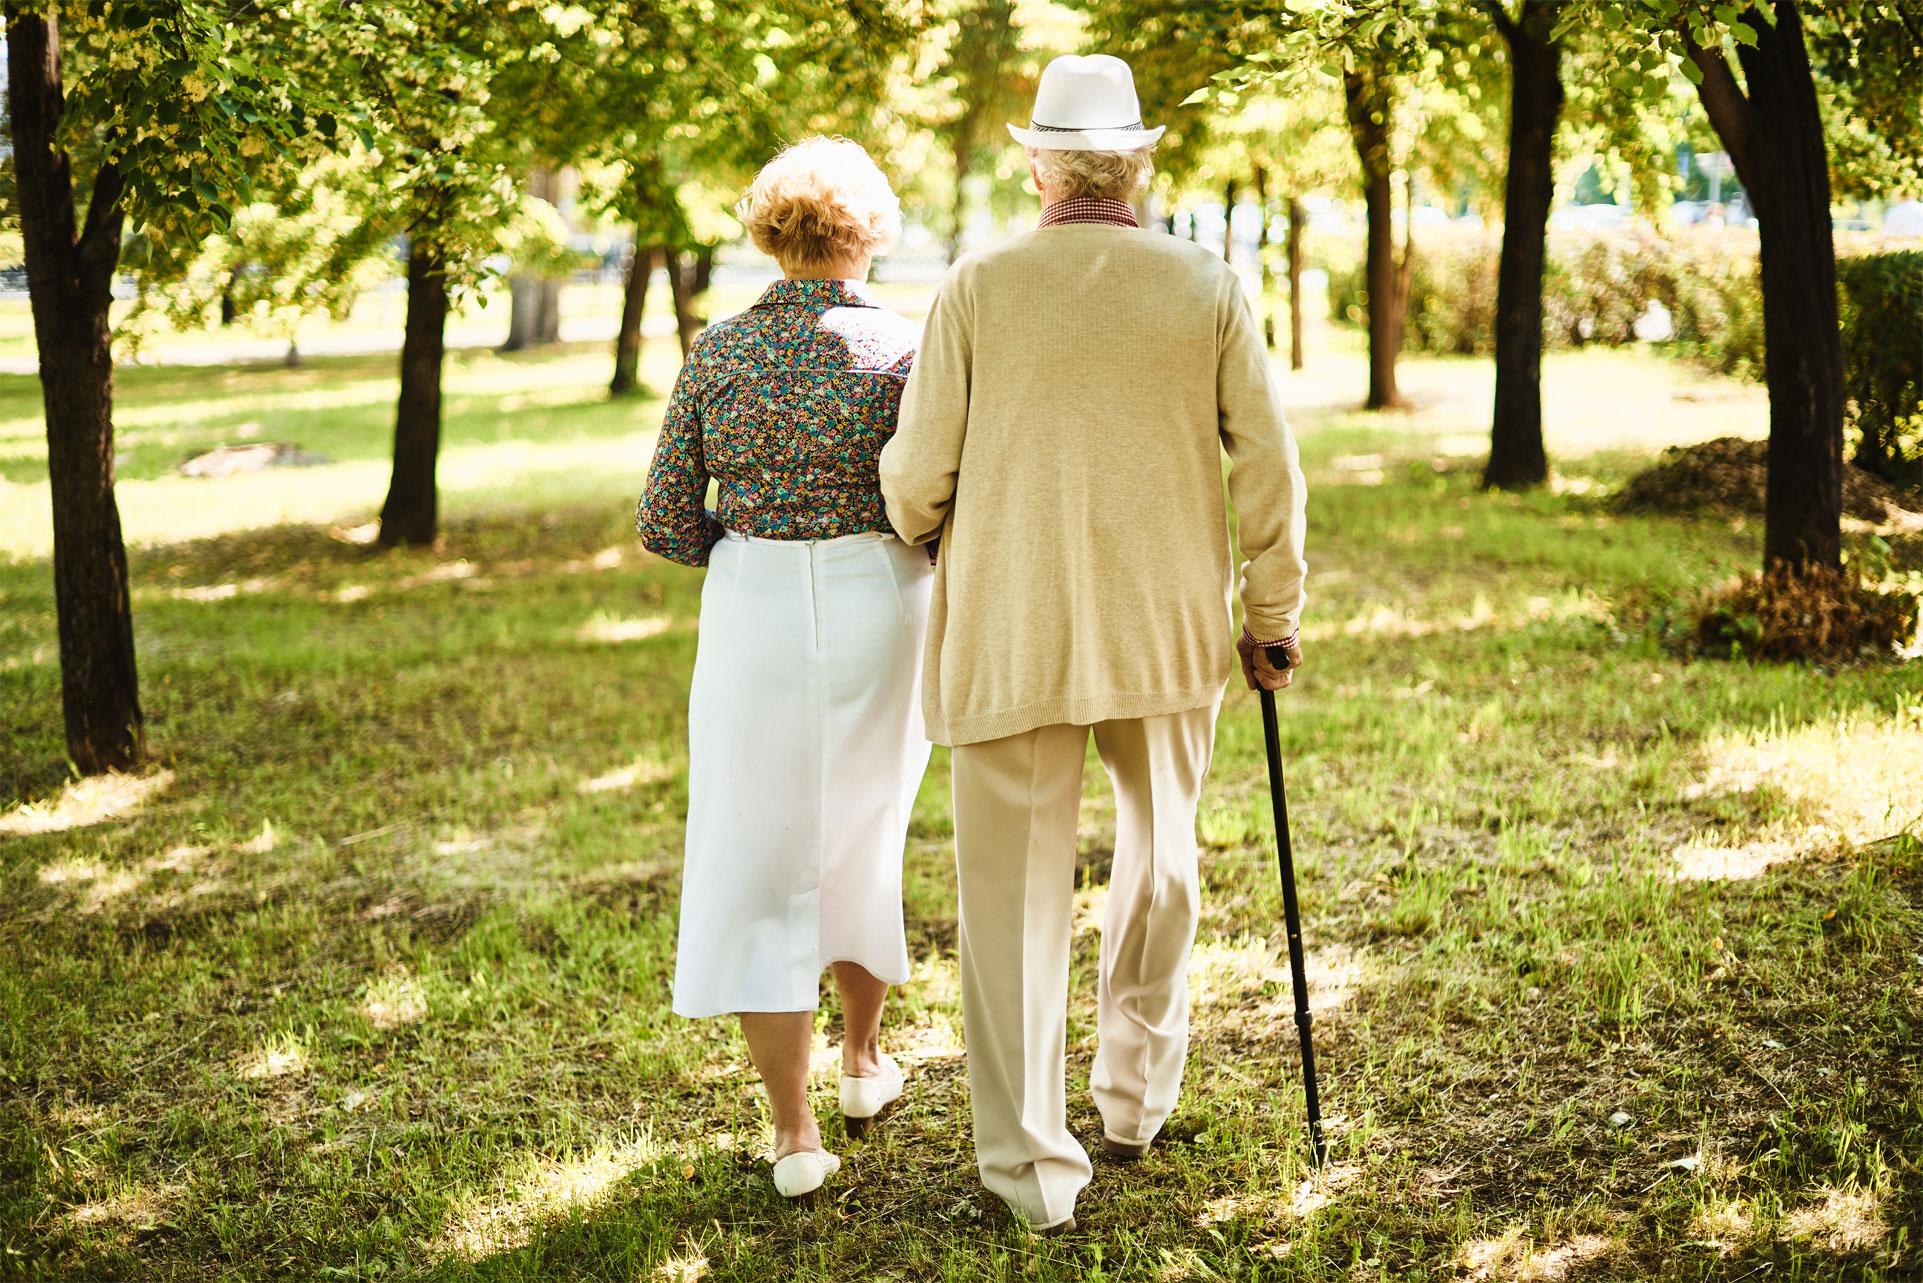 Доплата 2000 рублей пенсионерам за супруга: как ее получить?